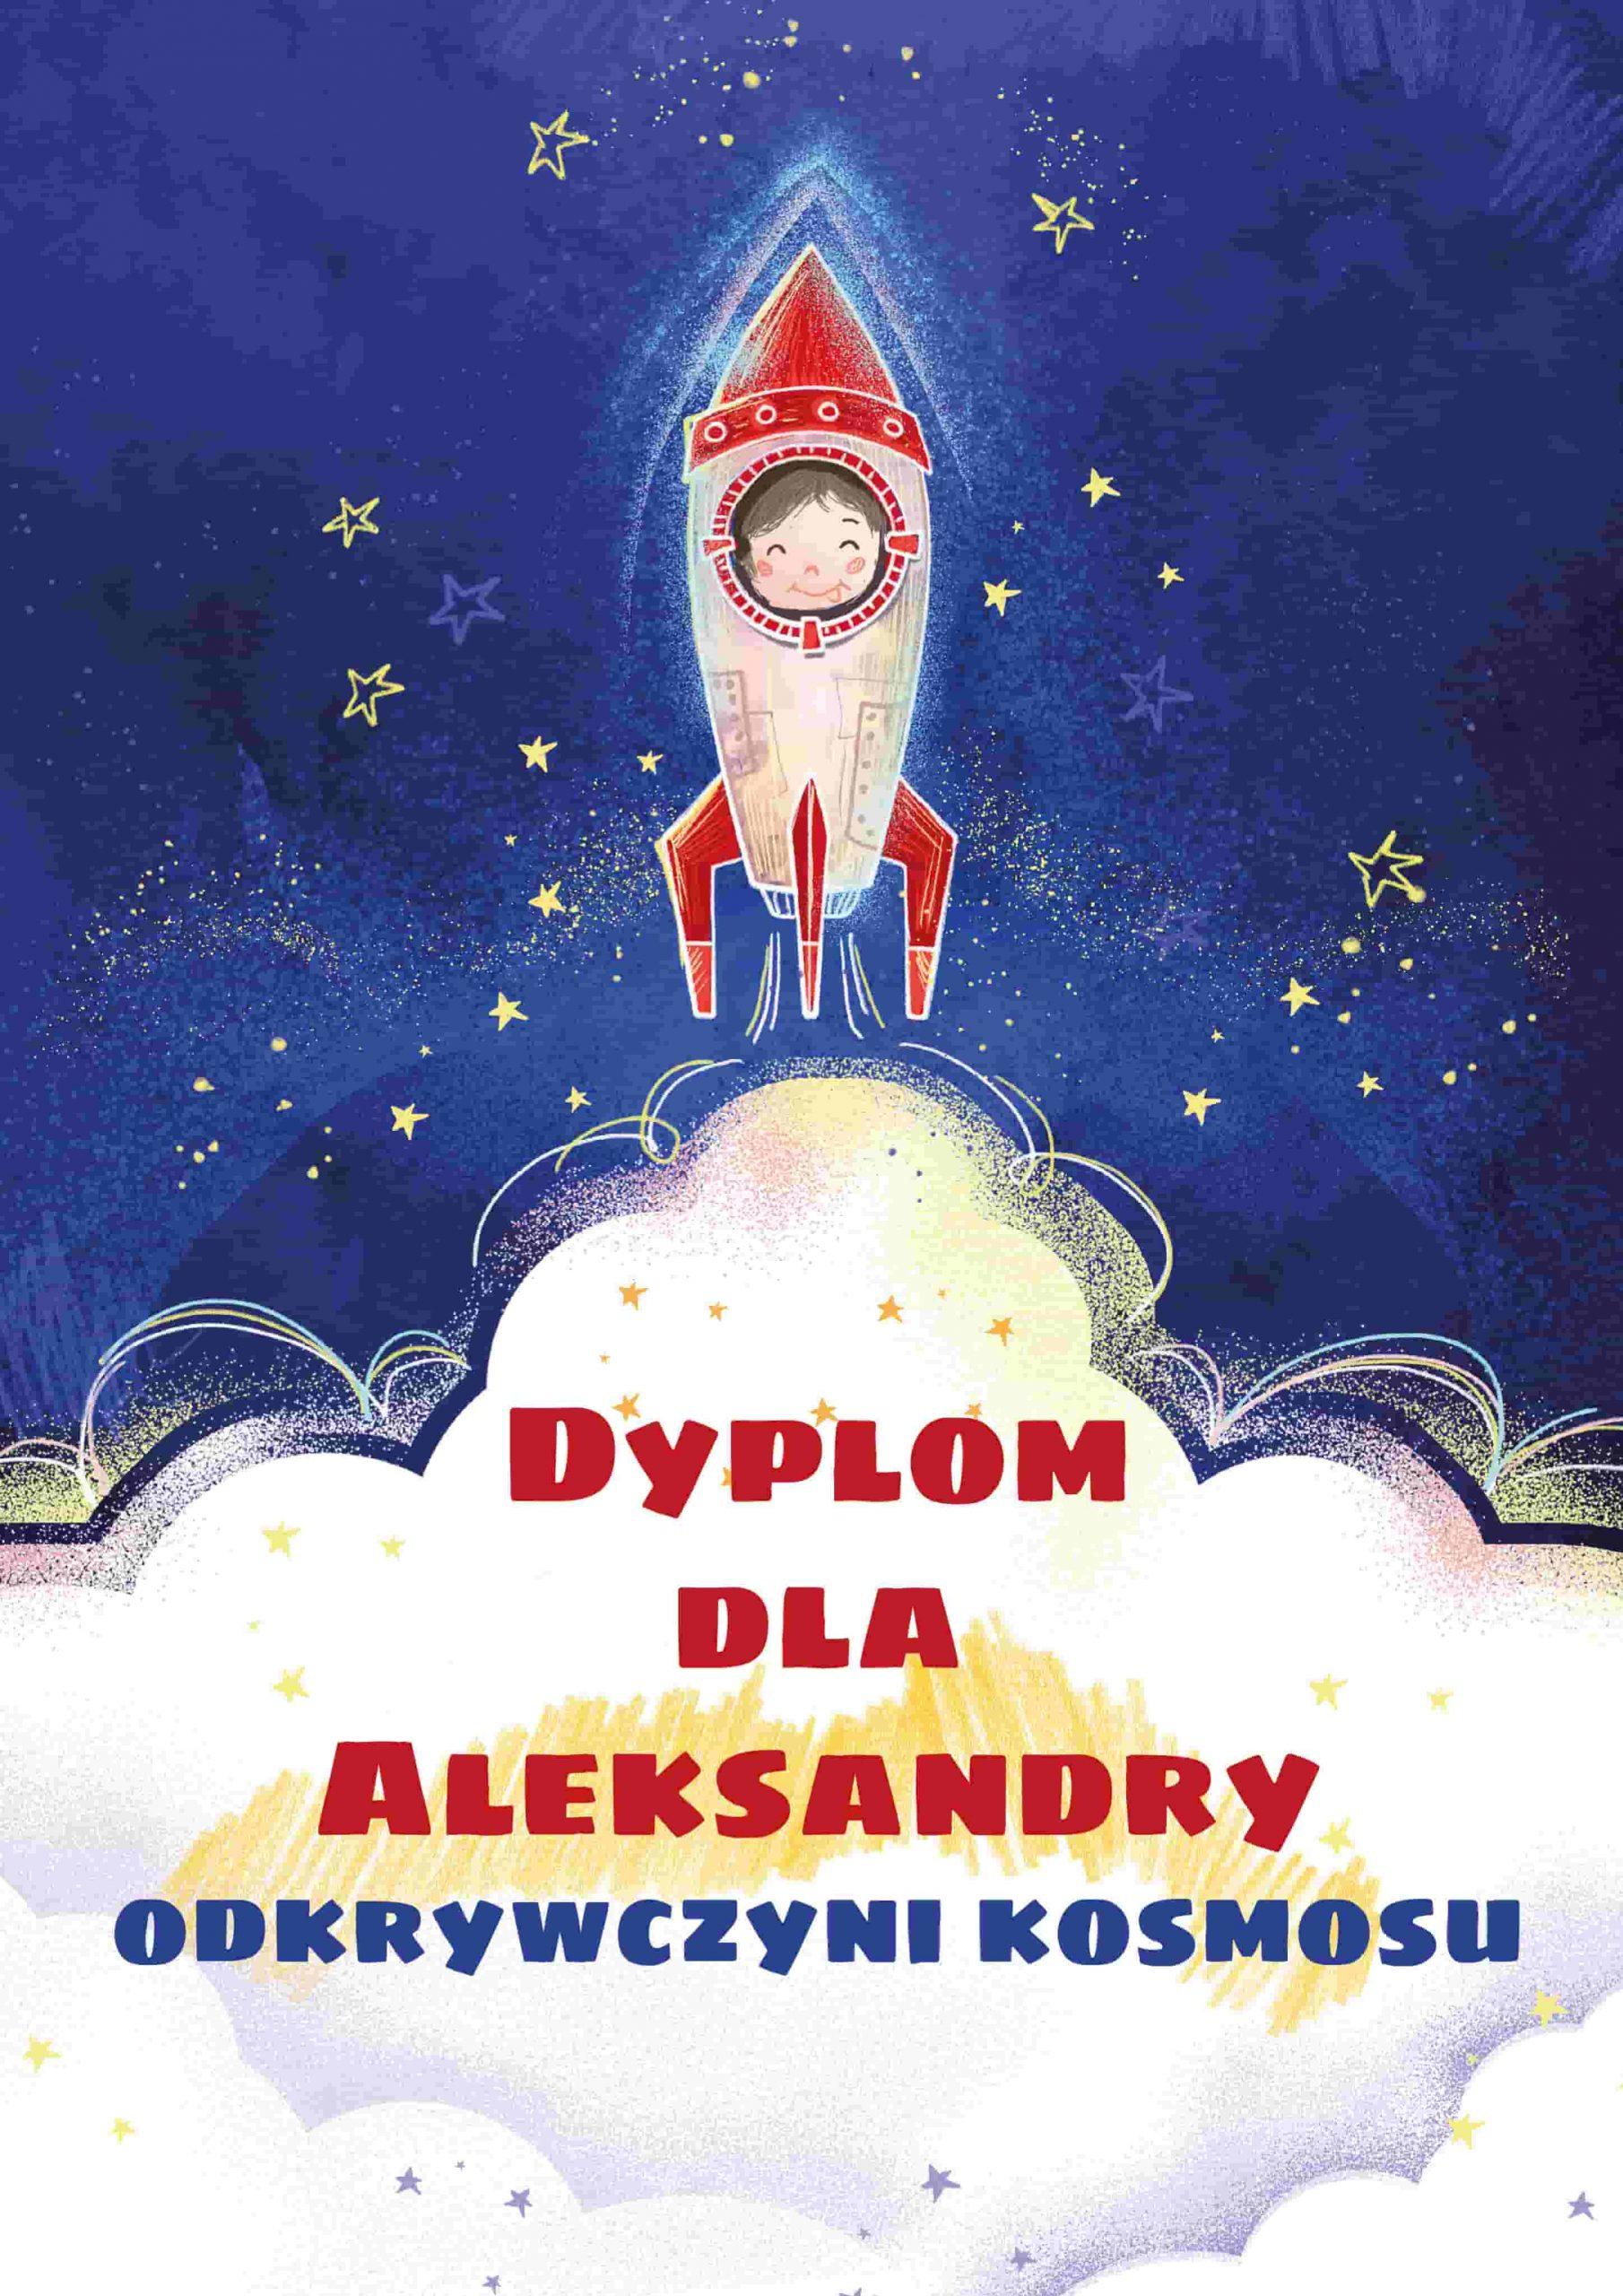 Dyplom dla dziecka, które przeczytało kosmiczny kalendarz dla dzieci